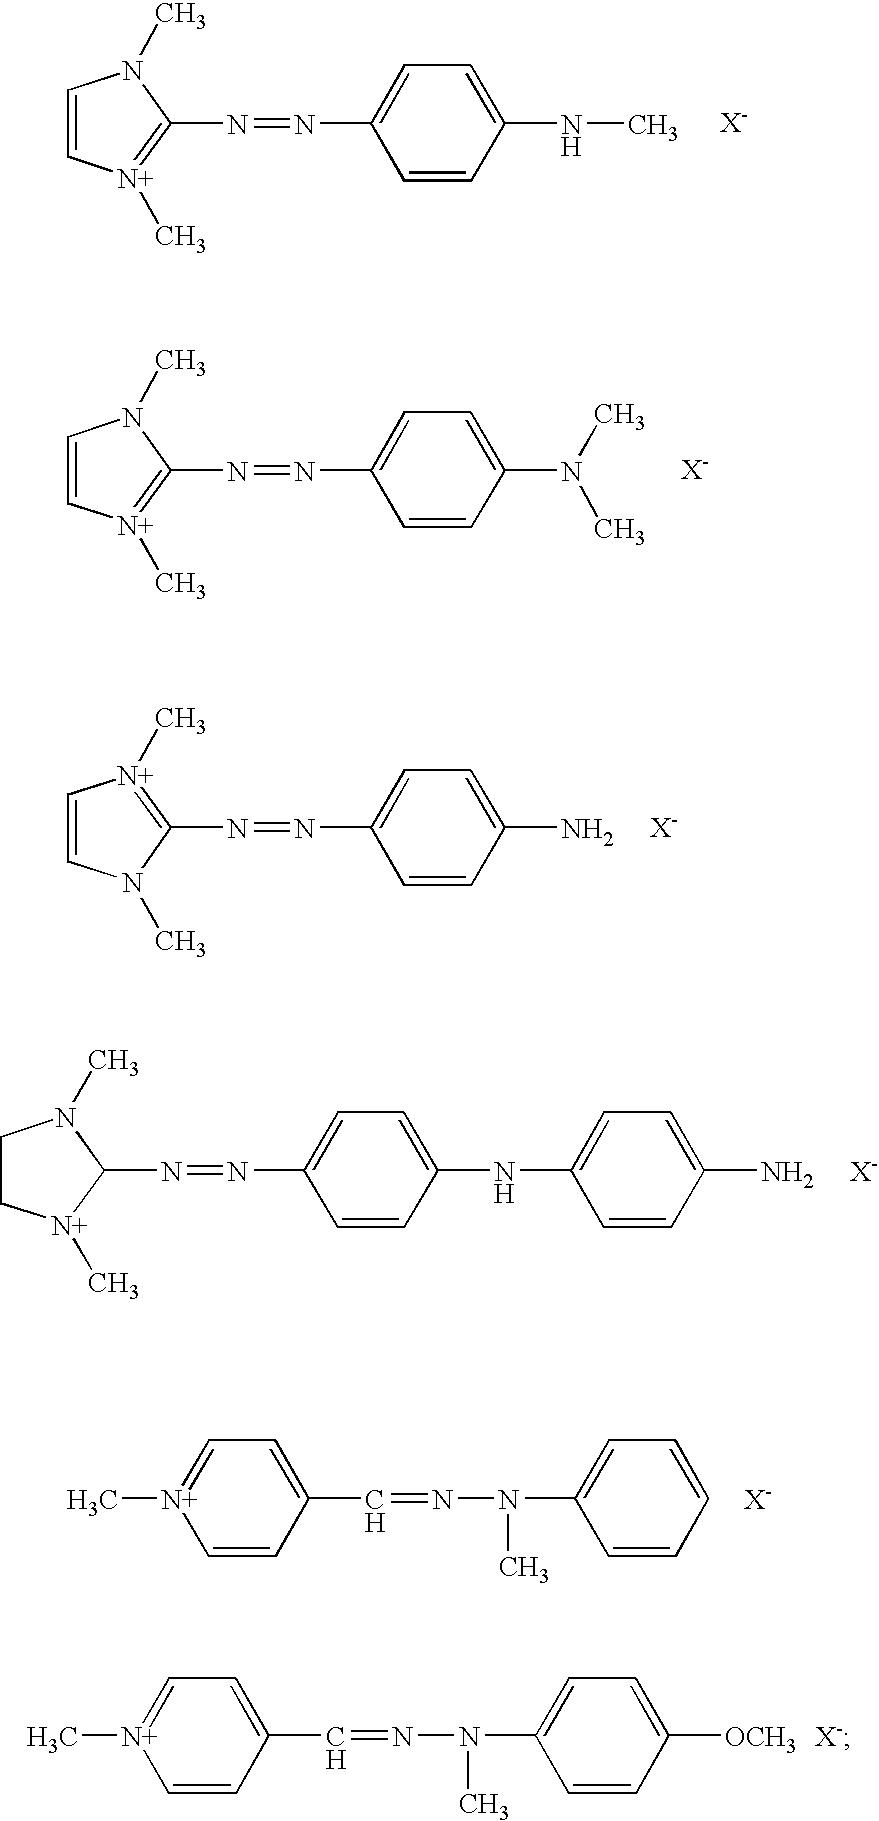 Figure US20100223739A1-20100909-C00014